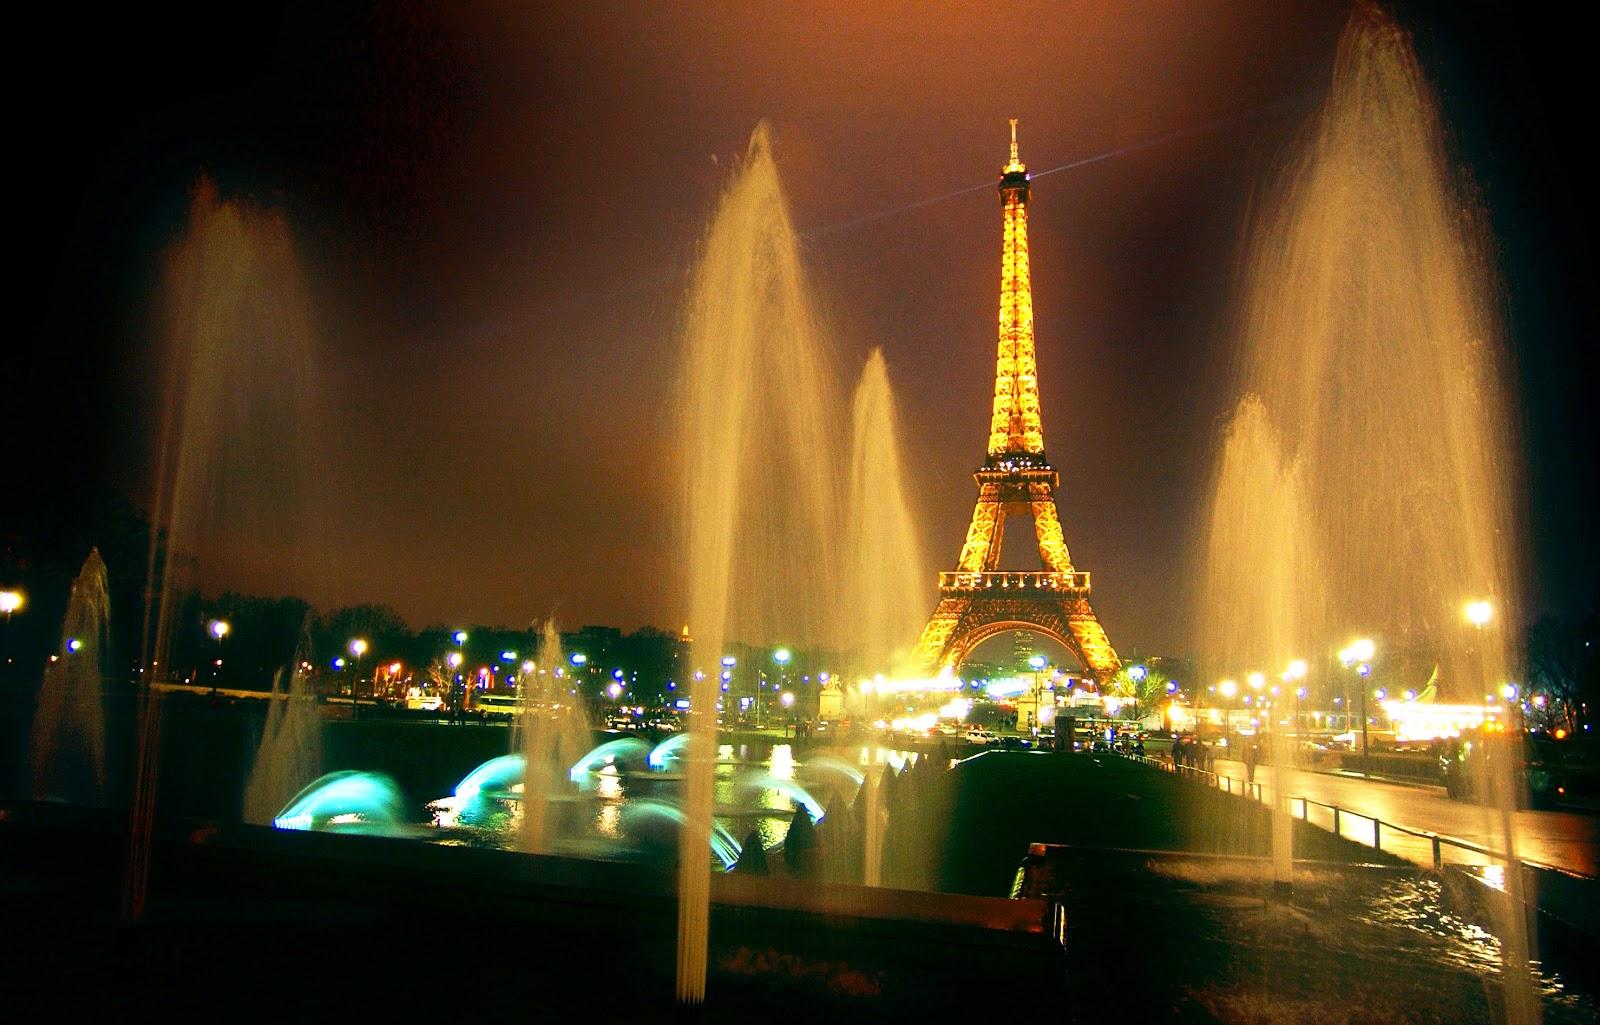 Eiffel Tower Hd Images 04547: Eiffel Tower HD Desktop Wallpapers